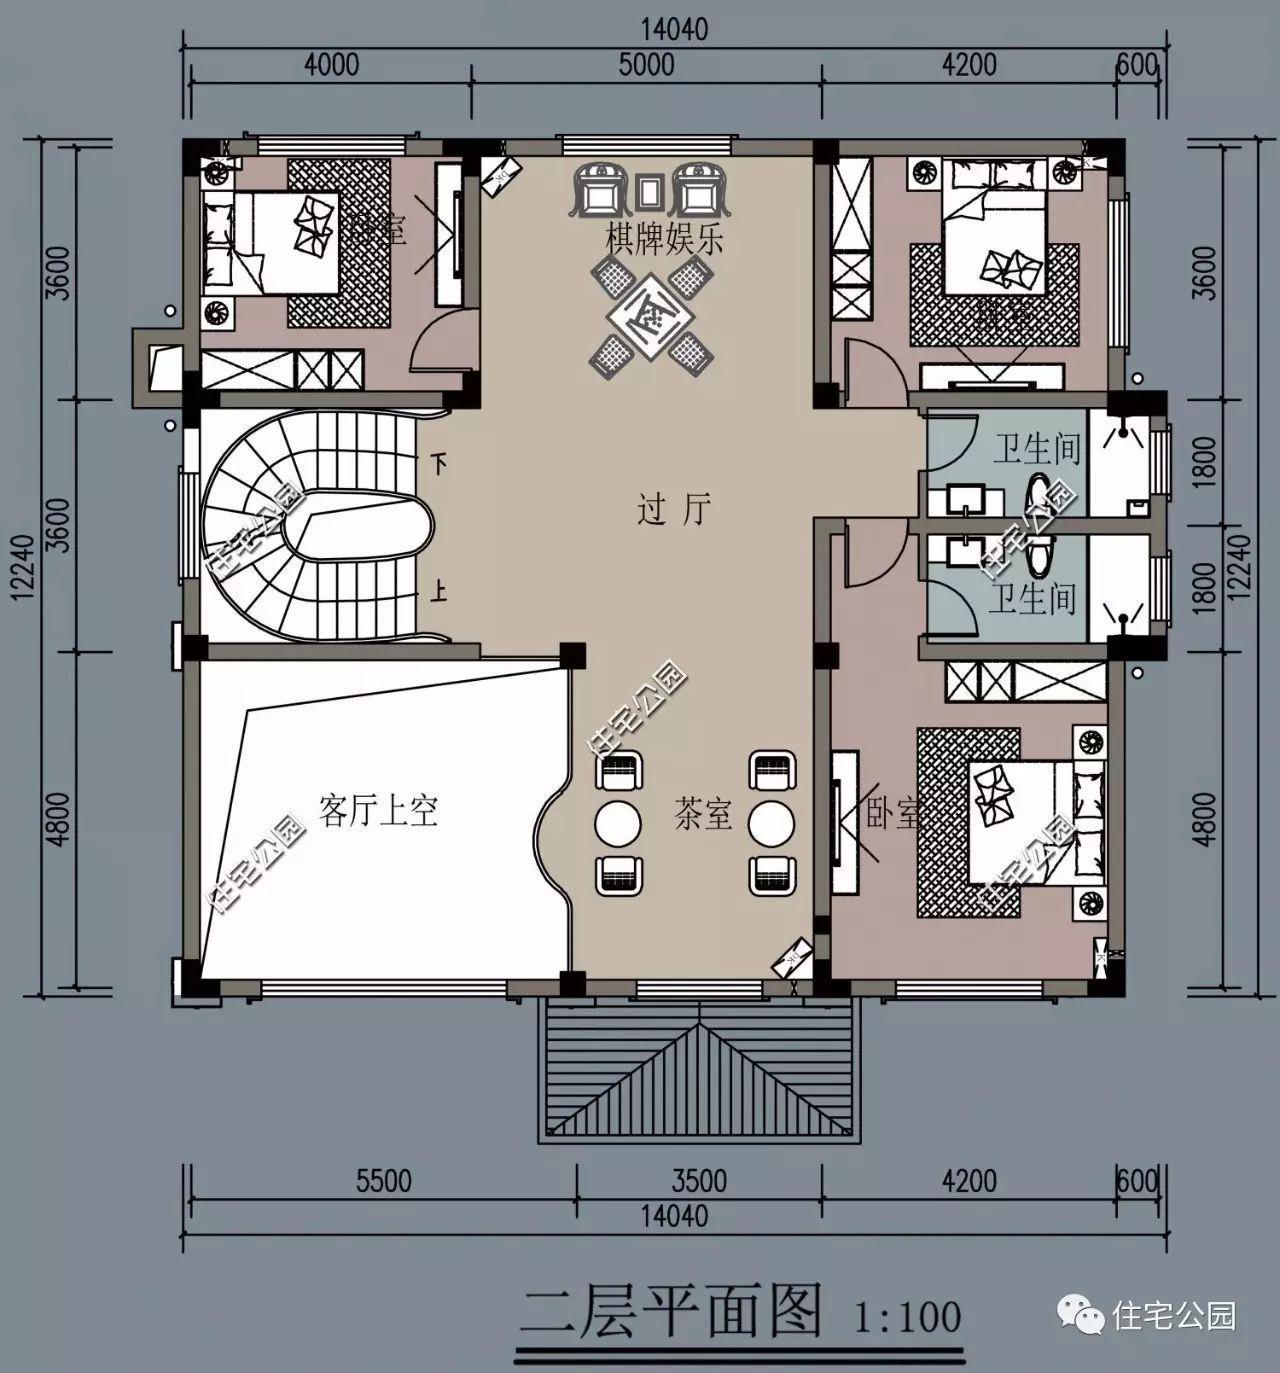 旋转楼梯挑空客厅,14x14米独立欧式别墅(全图 预算 视频展示)